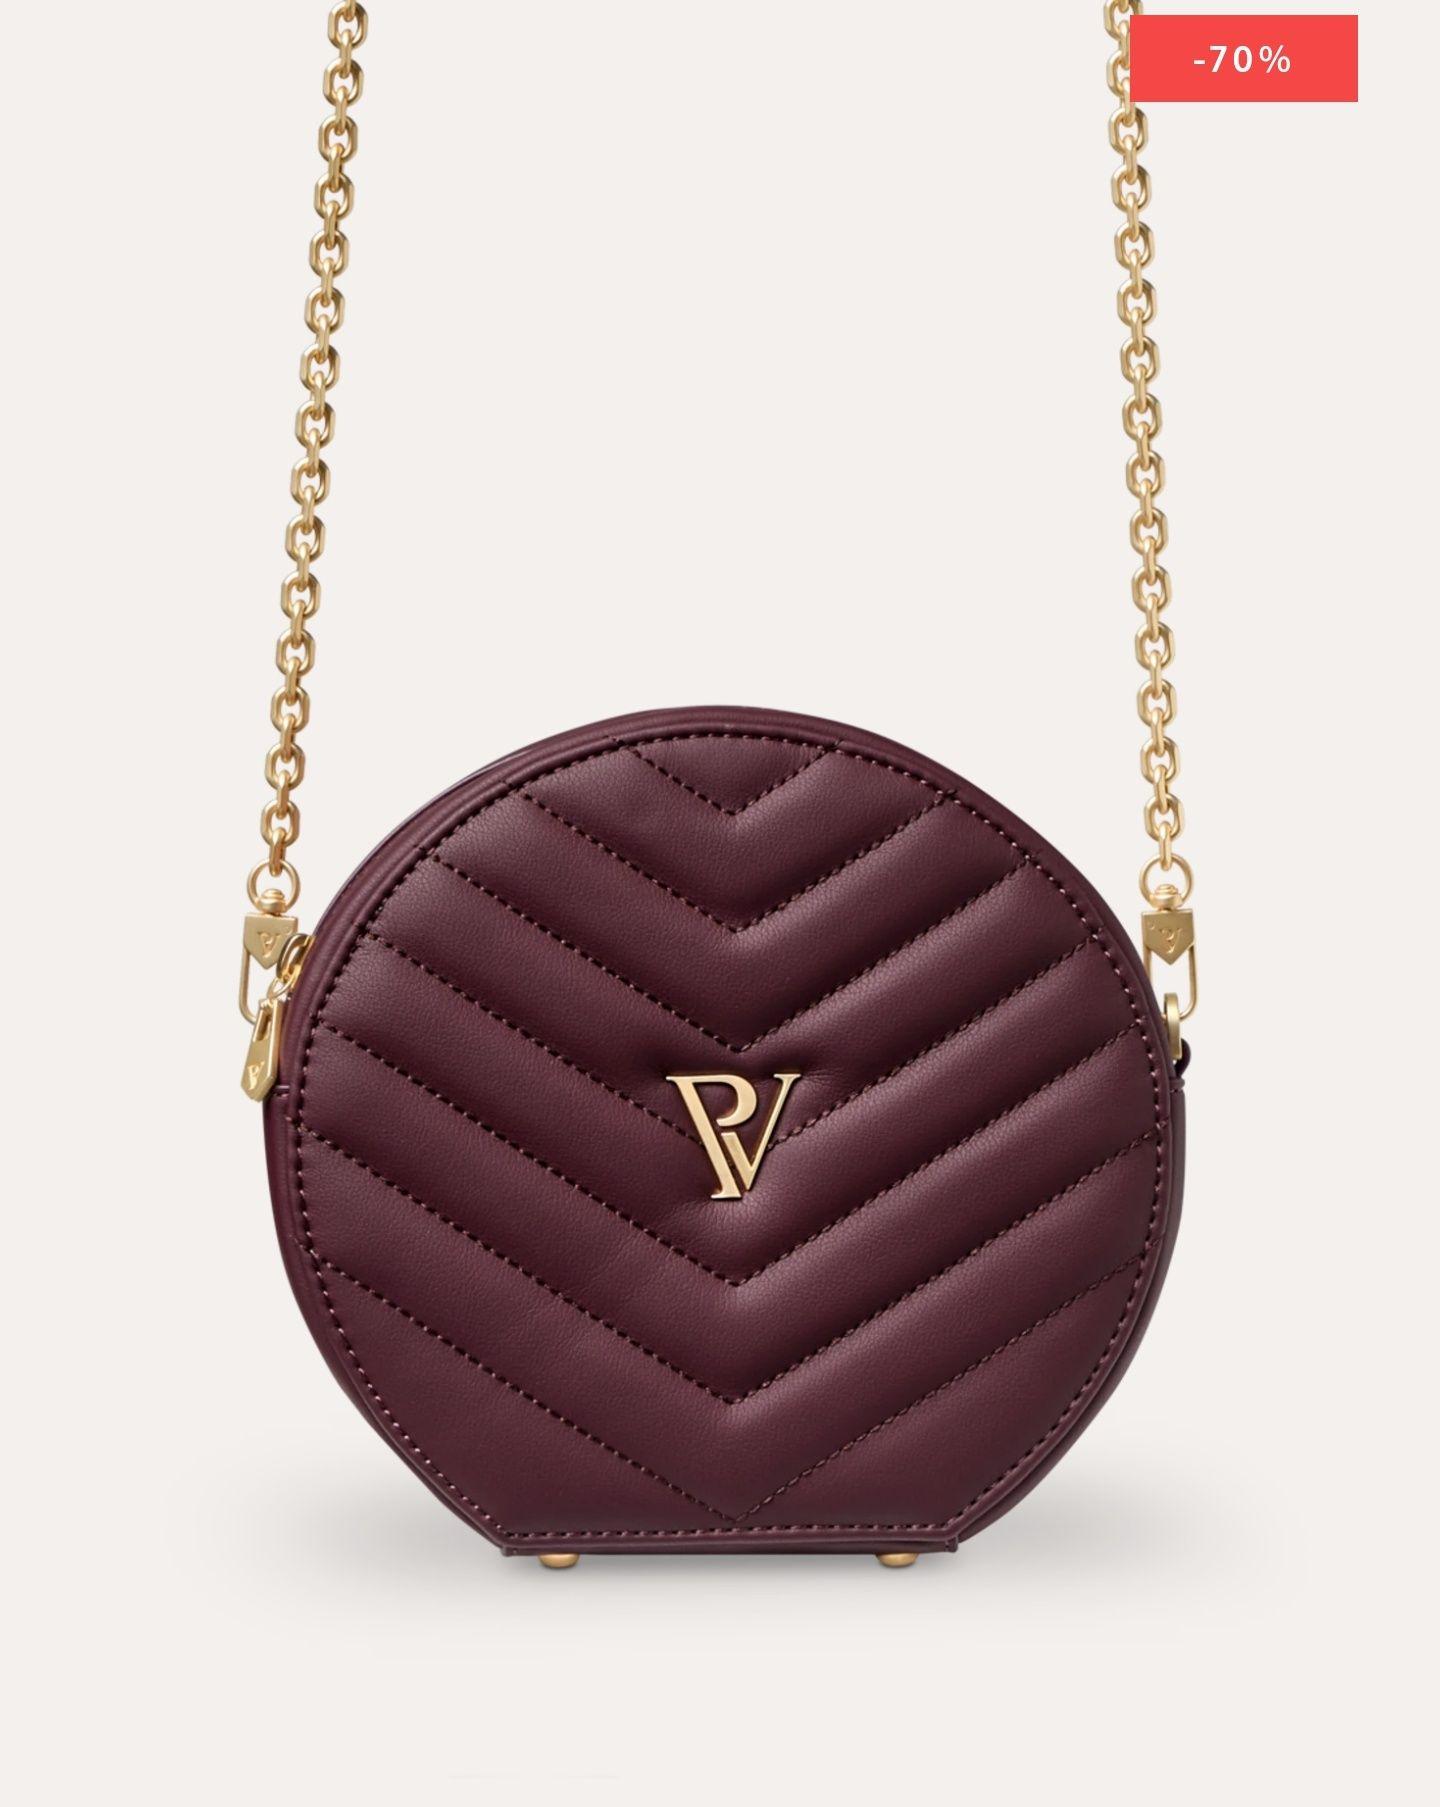 Paul Valentin Taschen mit 70% Rabatt/ Mehrere Farben und Modelle verfügbar